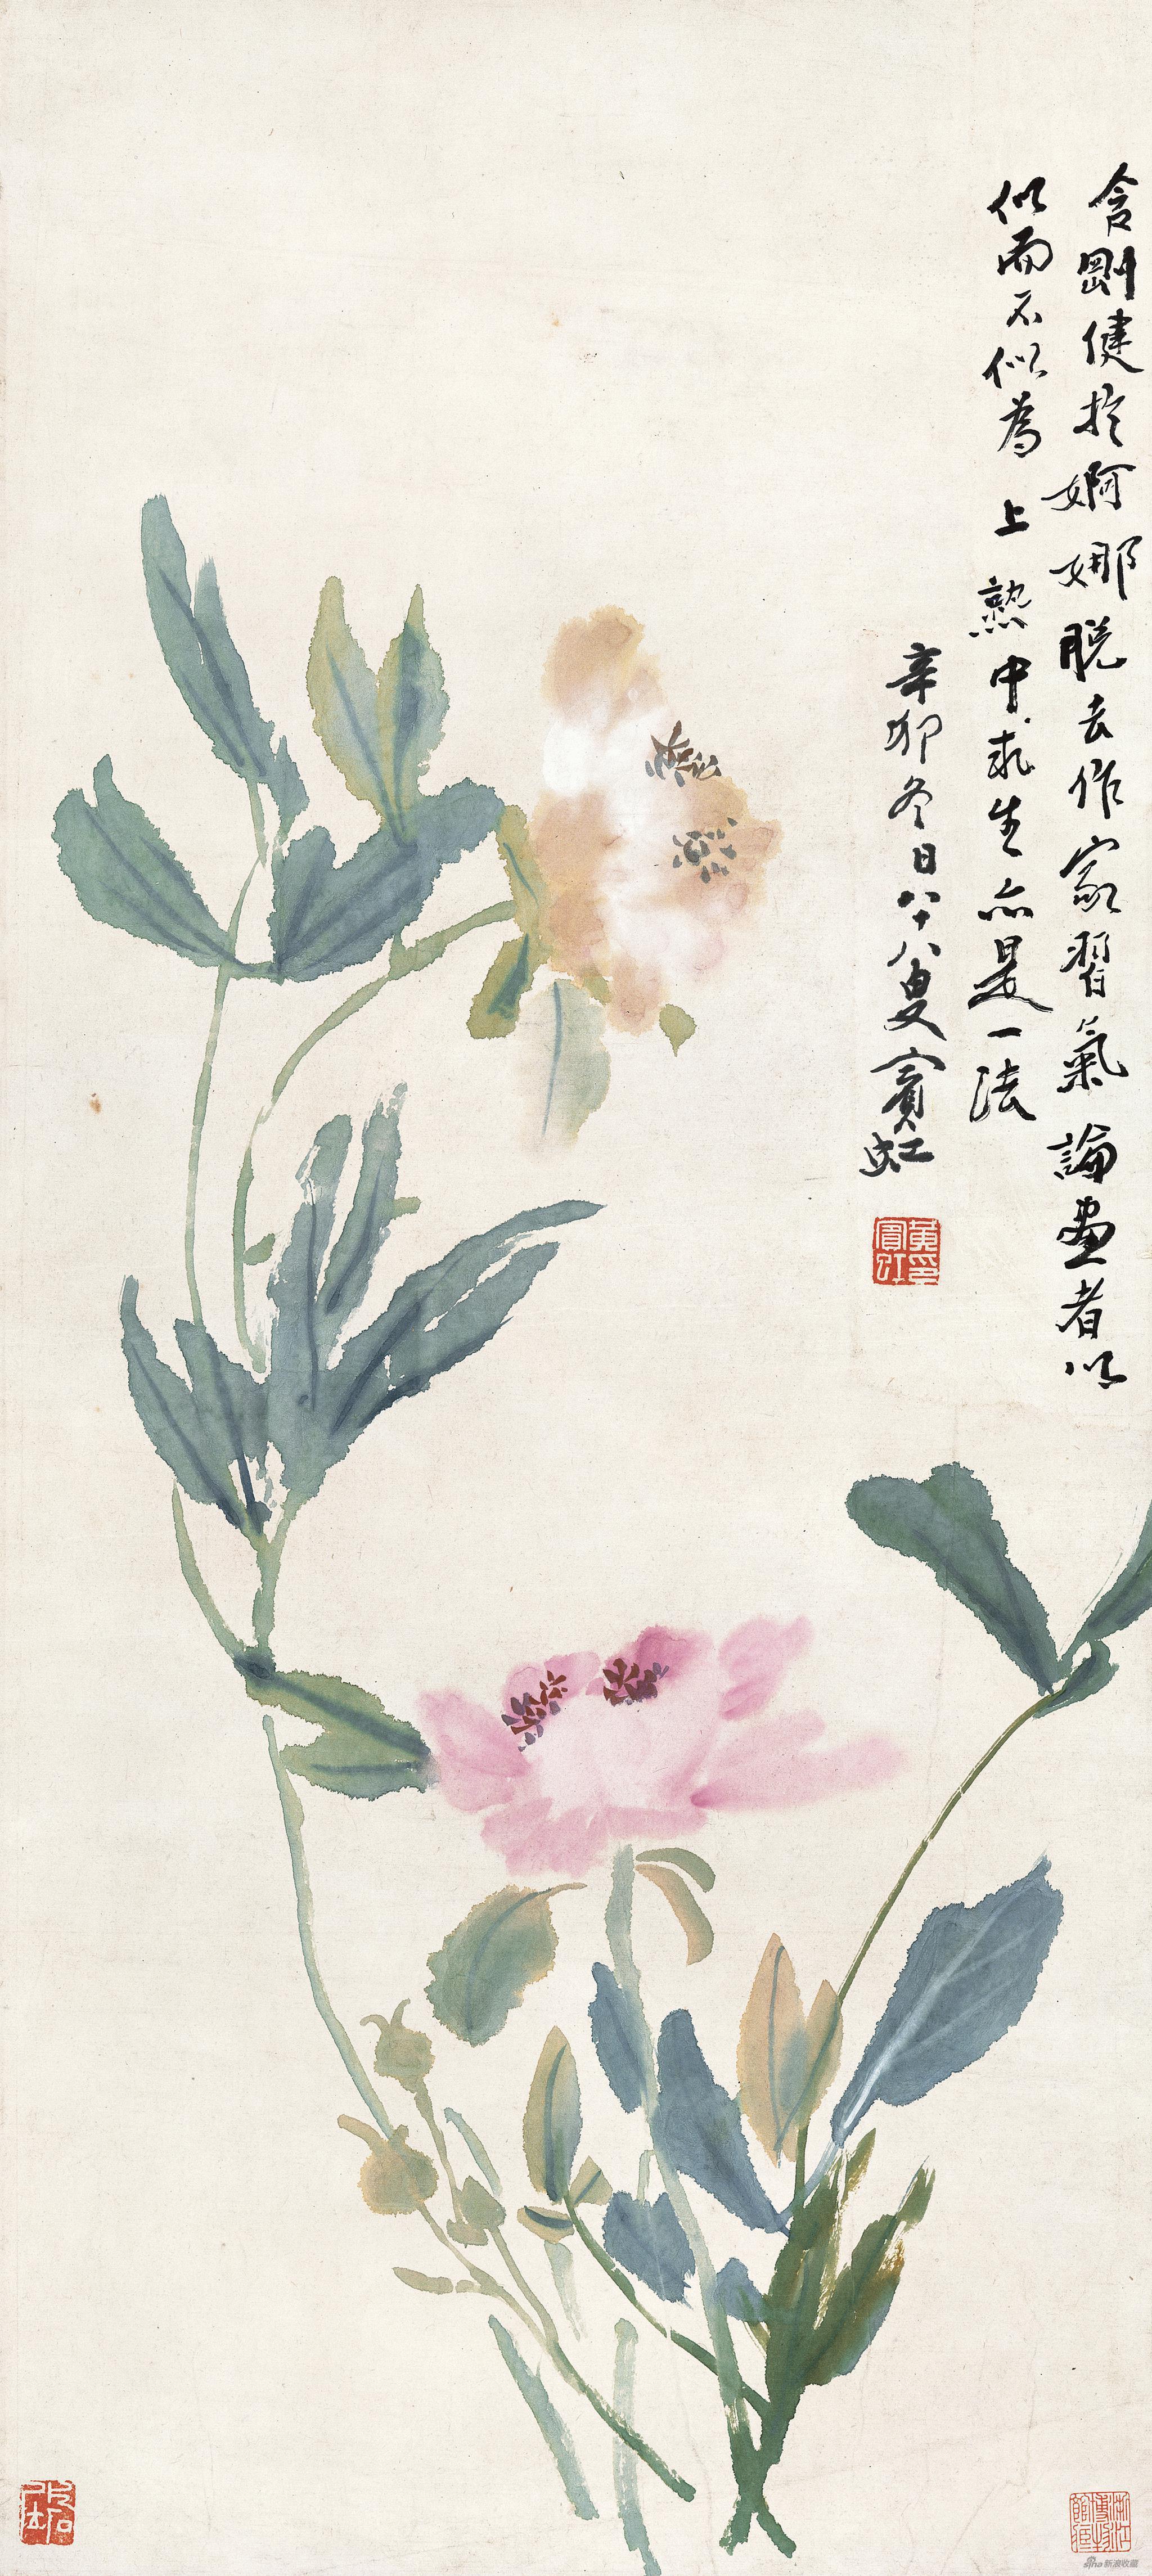 芍药 黄宾虹 80.5cm×45.5cm 1951年 纸本设色 浙江省博物馆藏